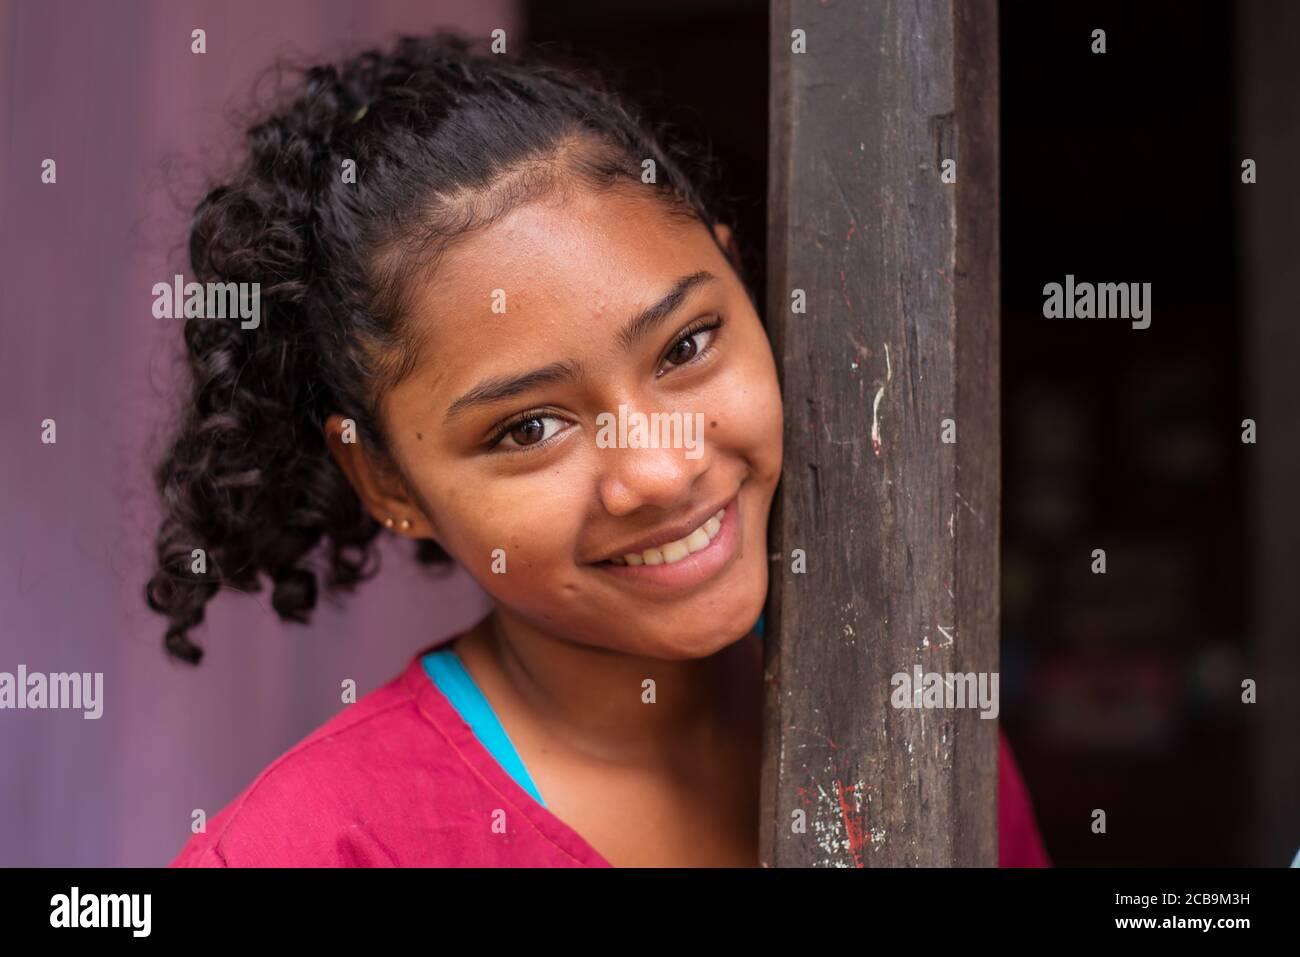 El Castillo / Nicaragua - 30 de julio de 2019: retrato de una hermosa niña nicaragüense en una casa de madera en el pueblo de el Castillo Foto de stock